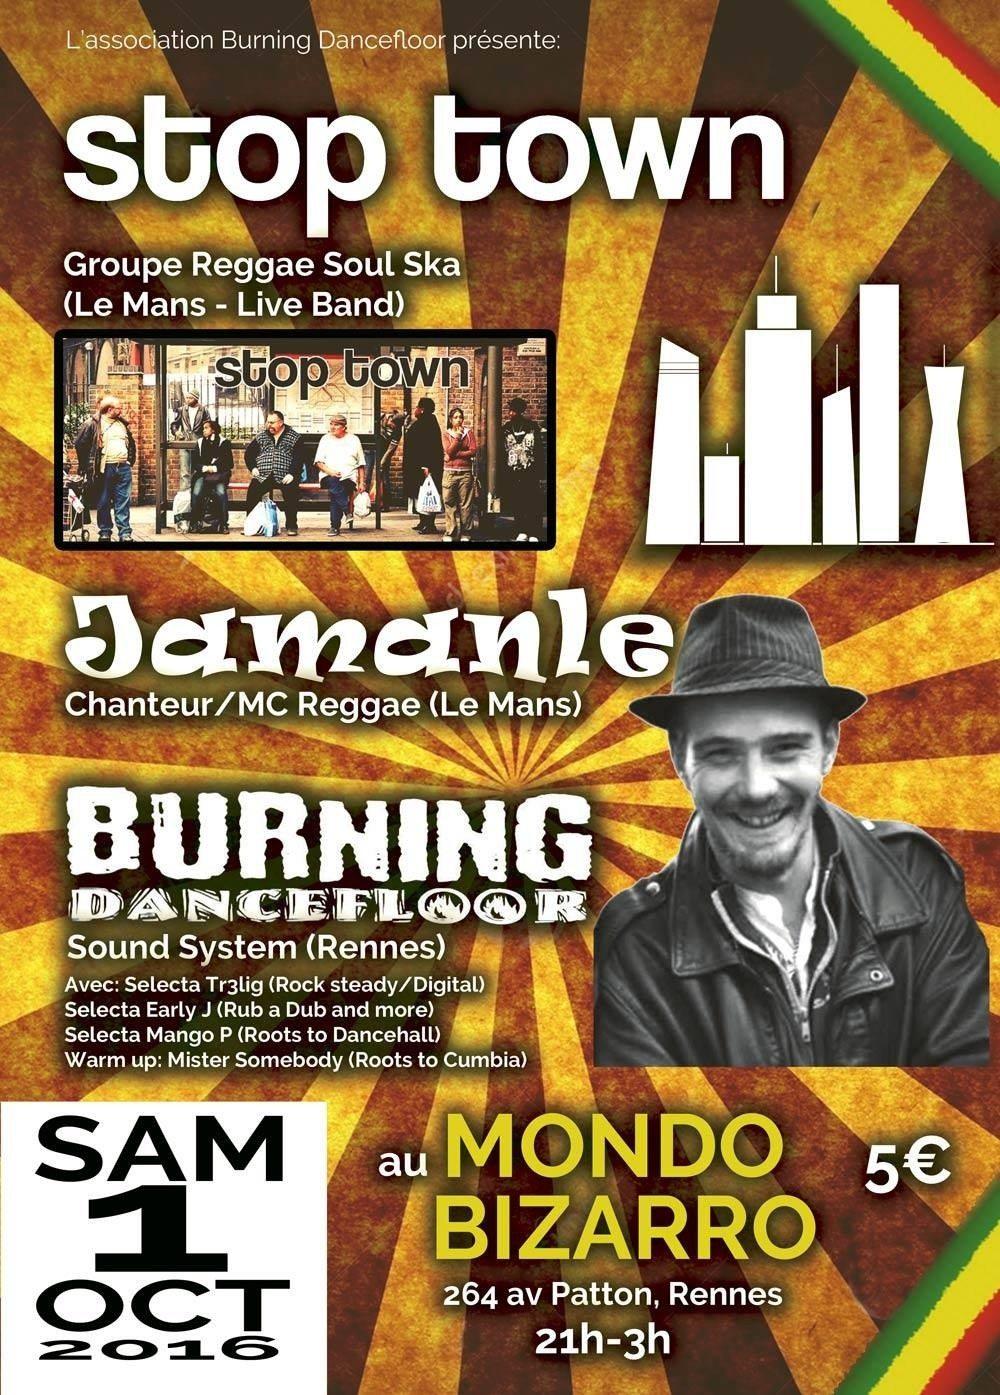 Stop Town, Jamanle, Burning Dancefloor Rennes